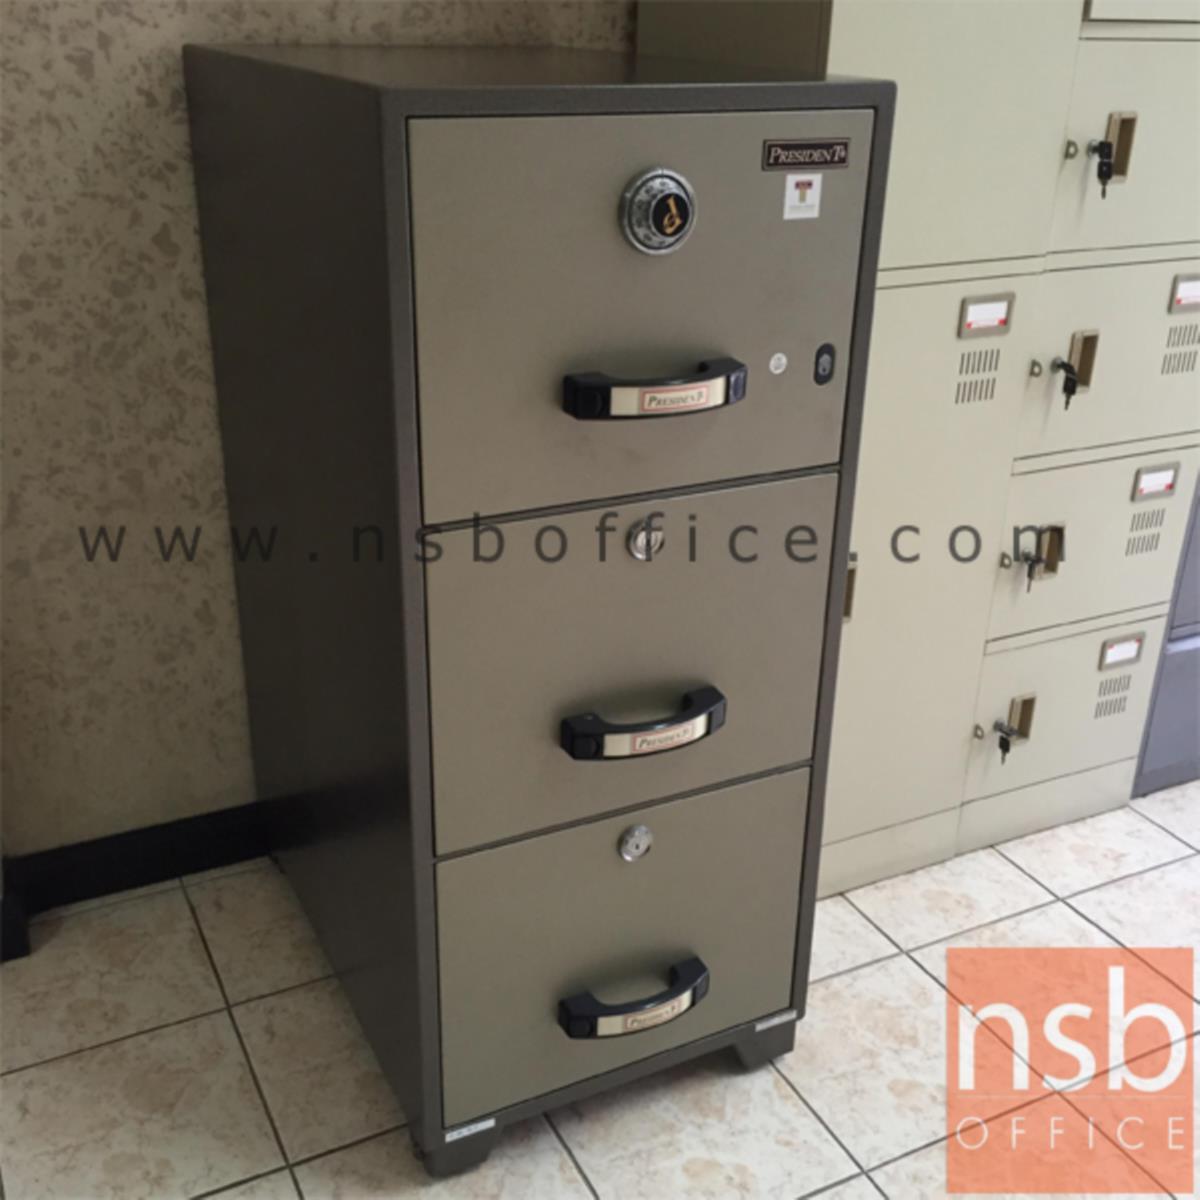 ตู้เซฟ 3 ลิ้นชัก 236 กก. รุ่น PRESIDENT-FRC330 มี 3 กุญแจ 1 รหัส